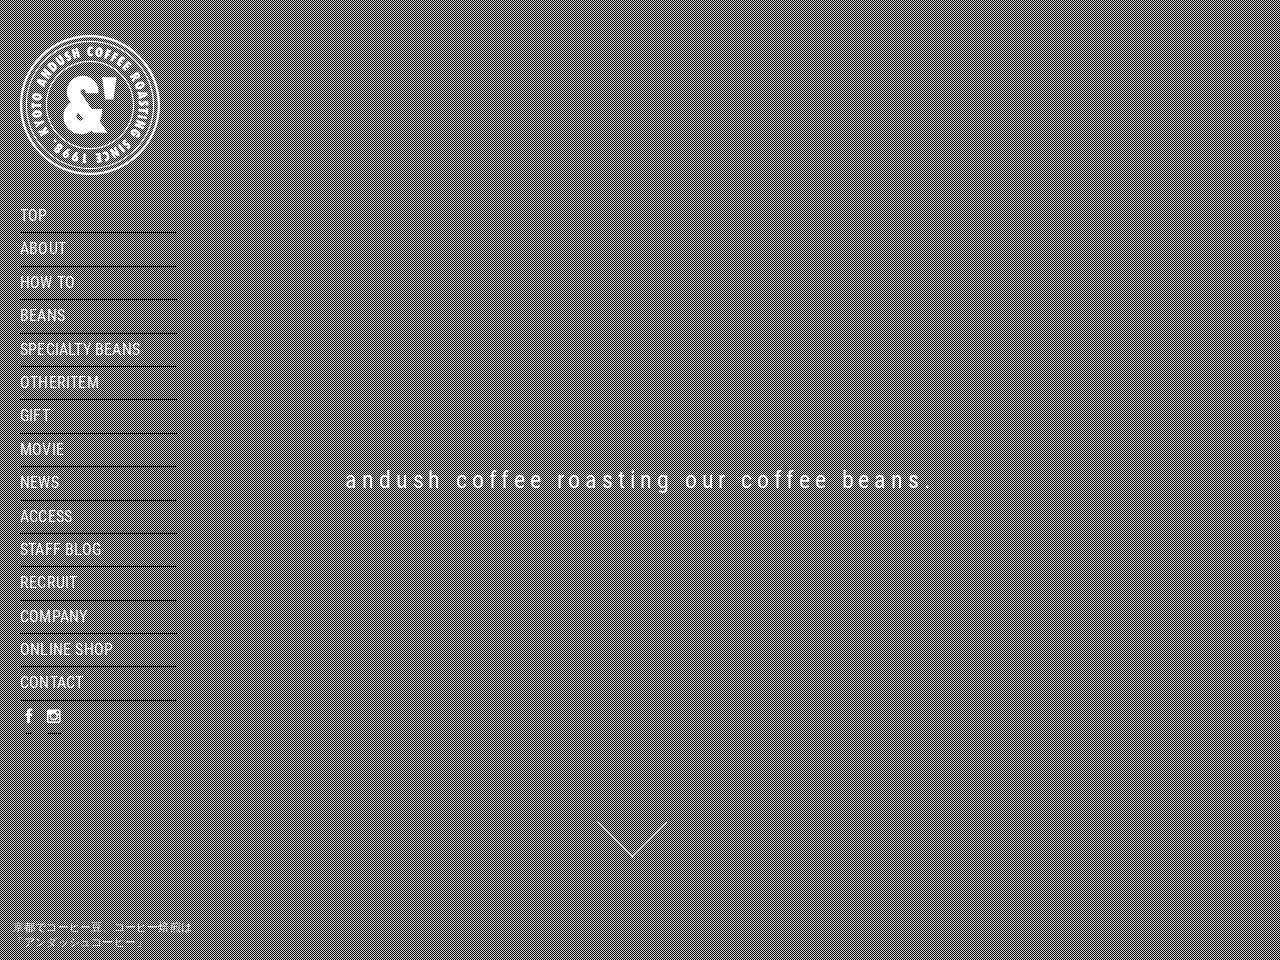 TOP | 京都/桂でコーヒー豆販売、コーヒー焙煎は「アンダッシュコーヒー」